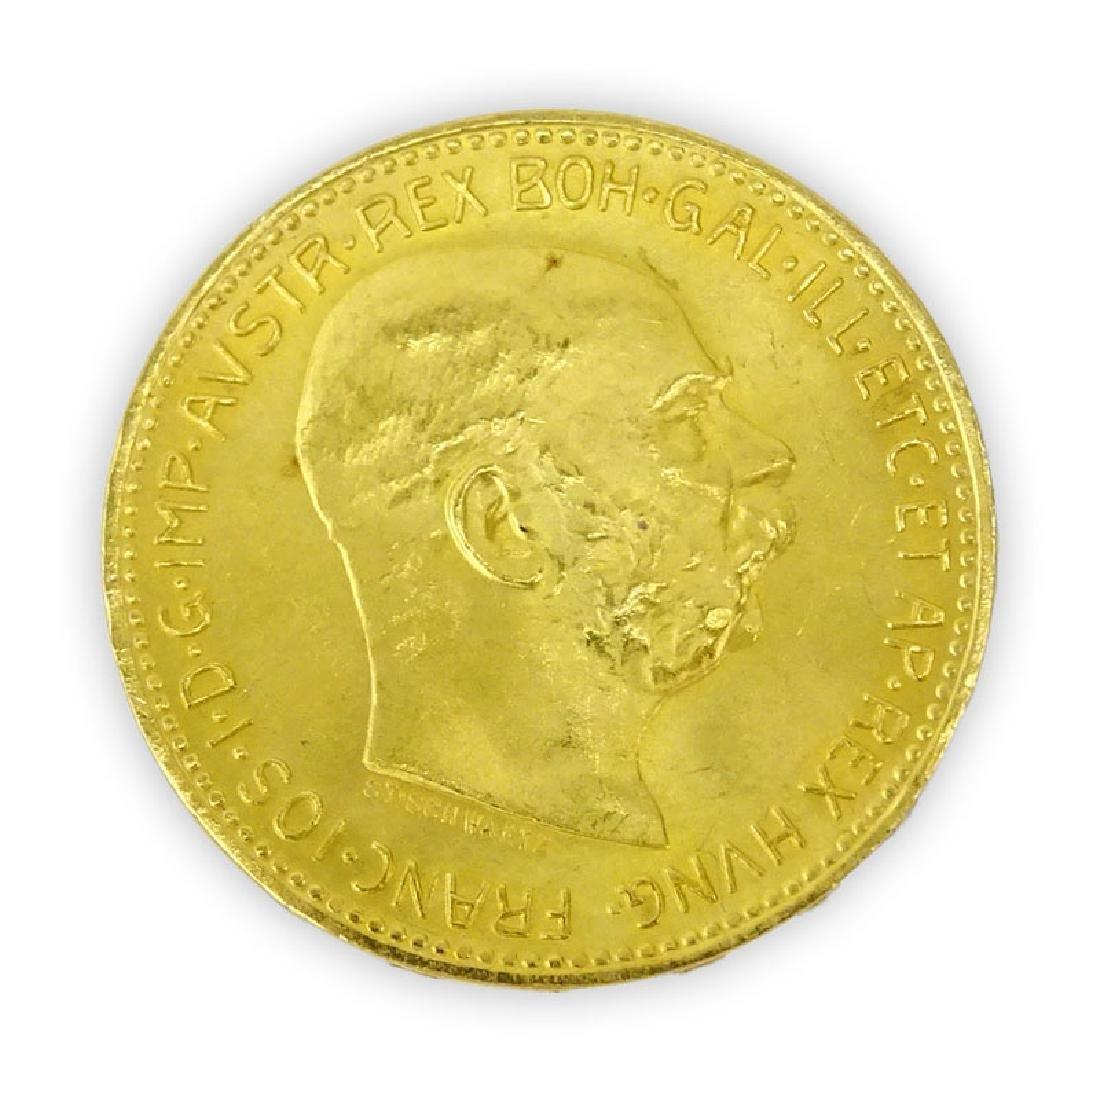 1915 Austrian 20 Corona Gold Coin. Approx. 6.8 grams.